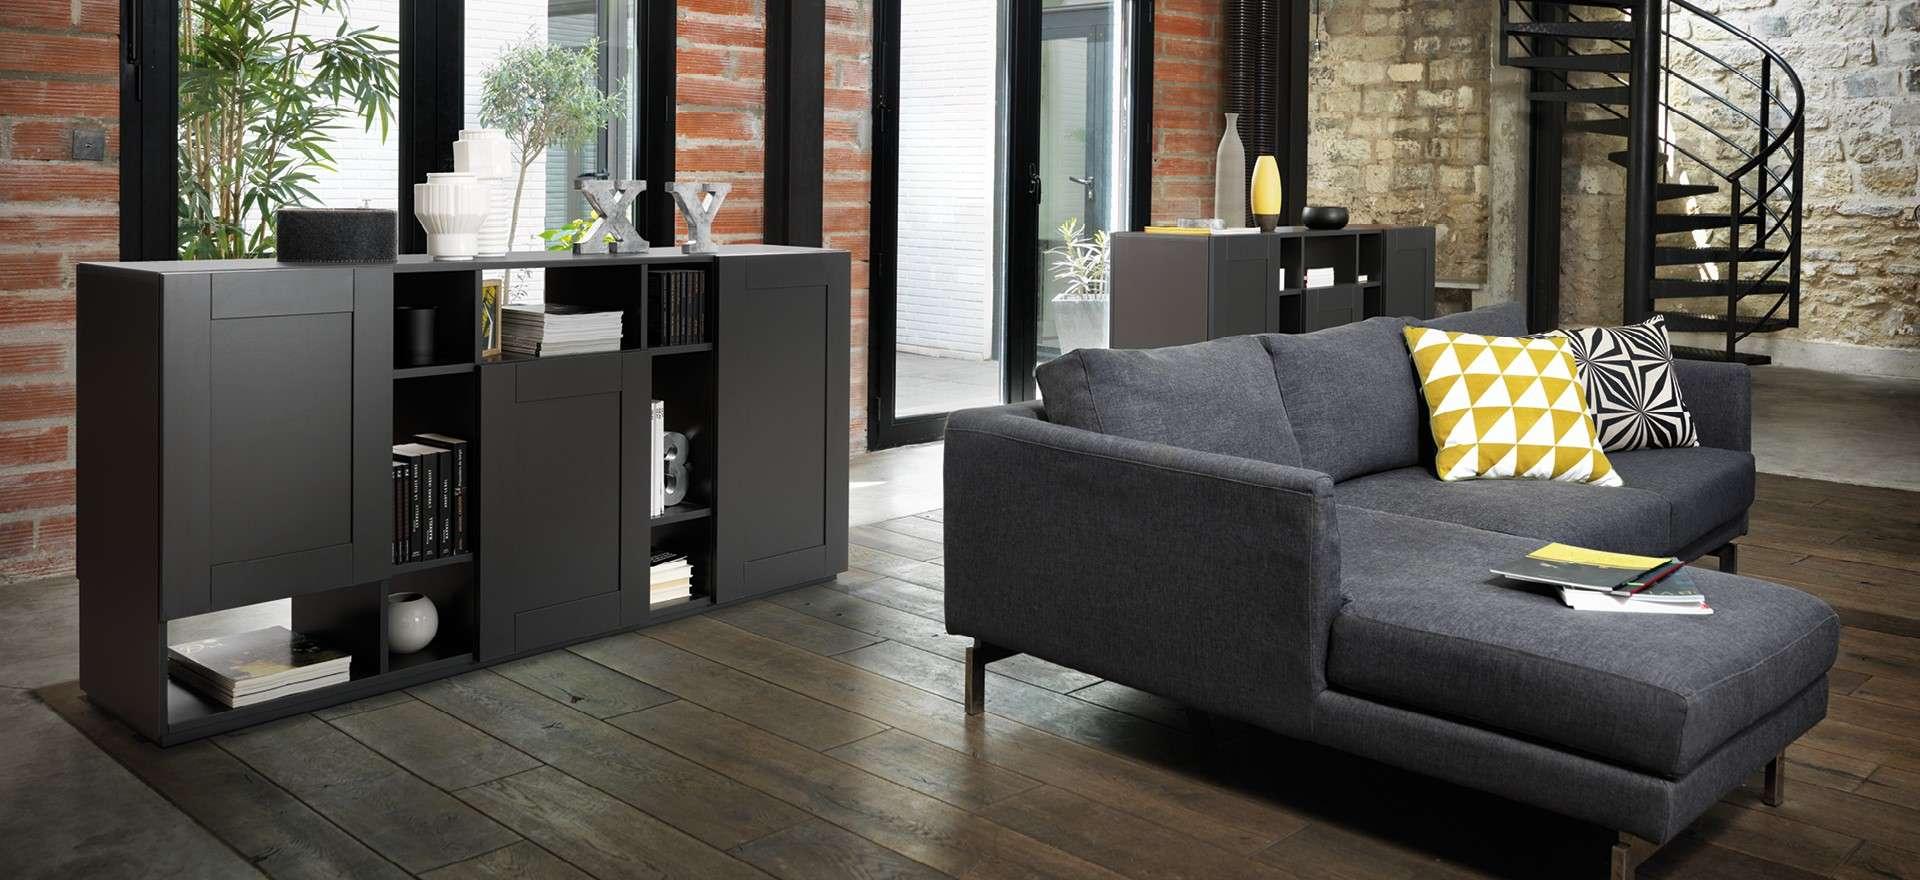 Strålende Ideer til innredning av stuen | Schmidt Kjøkken, bad & Interiør FZ-04